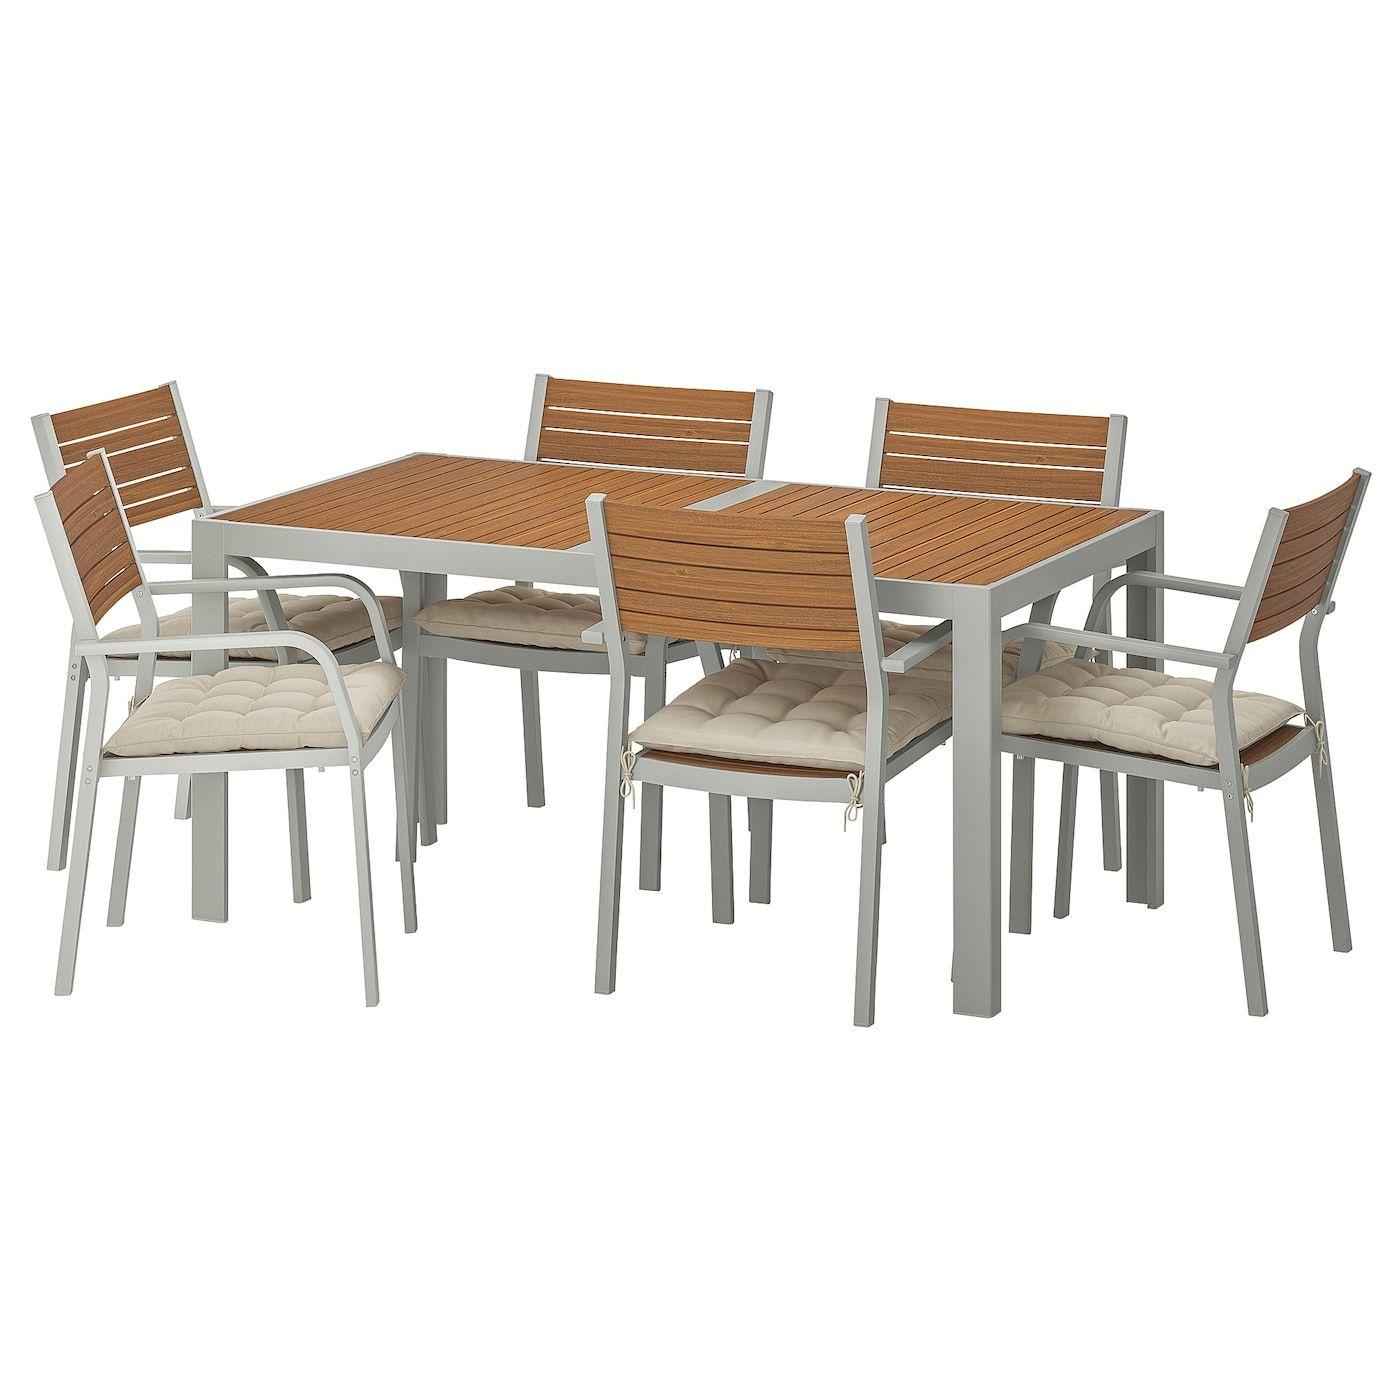 Sjalland Tisch 6 Armlehnstuhle Aussen Hellbraun Hallo Beige